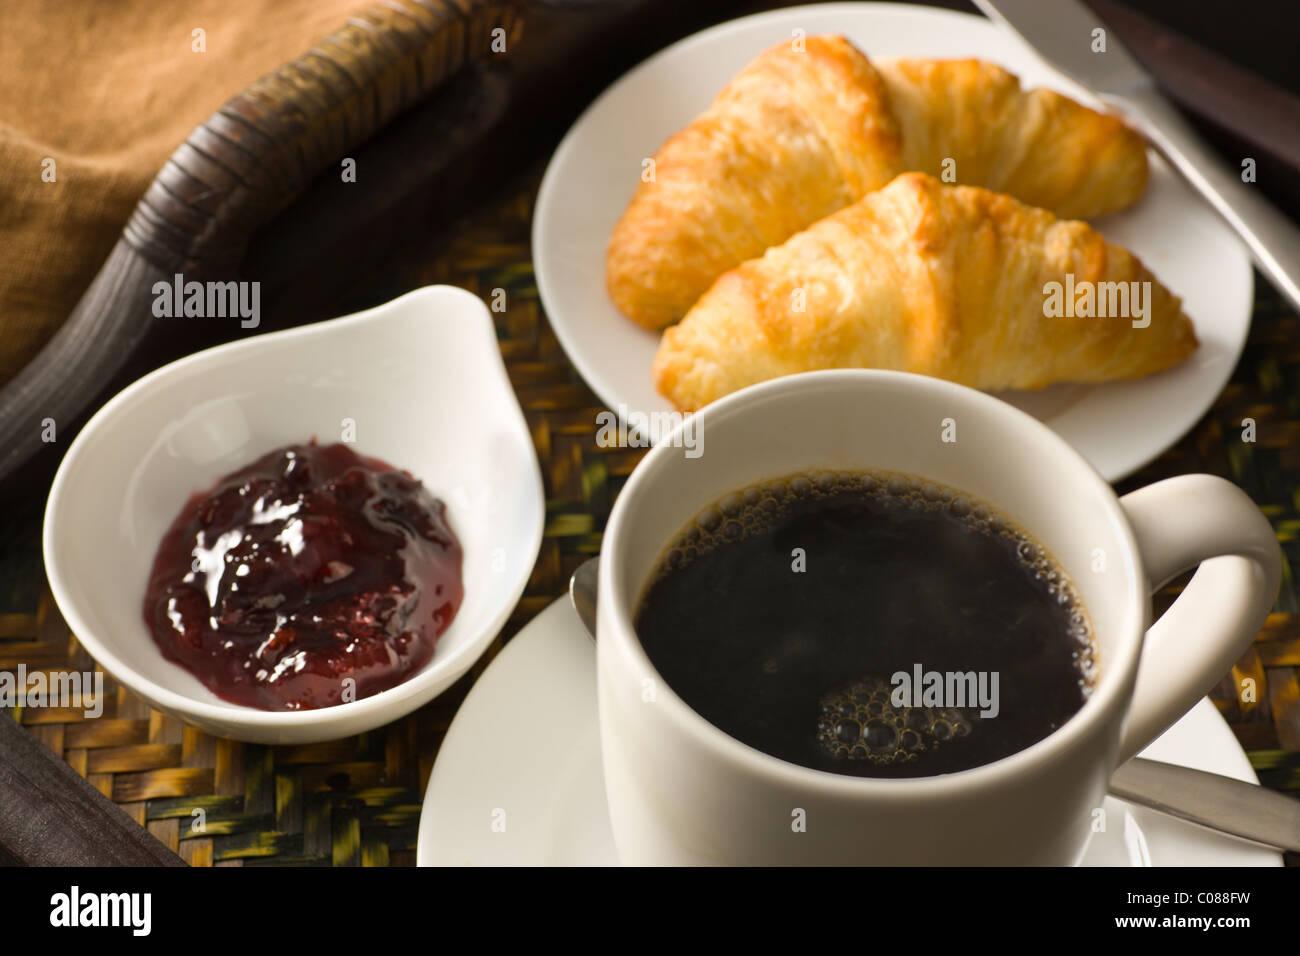 Un plateau avec des croissants, de la confiture et une tasse de café noir chaud Photo Stock